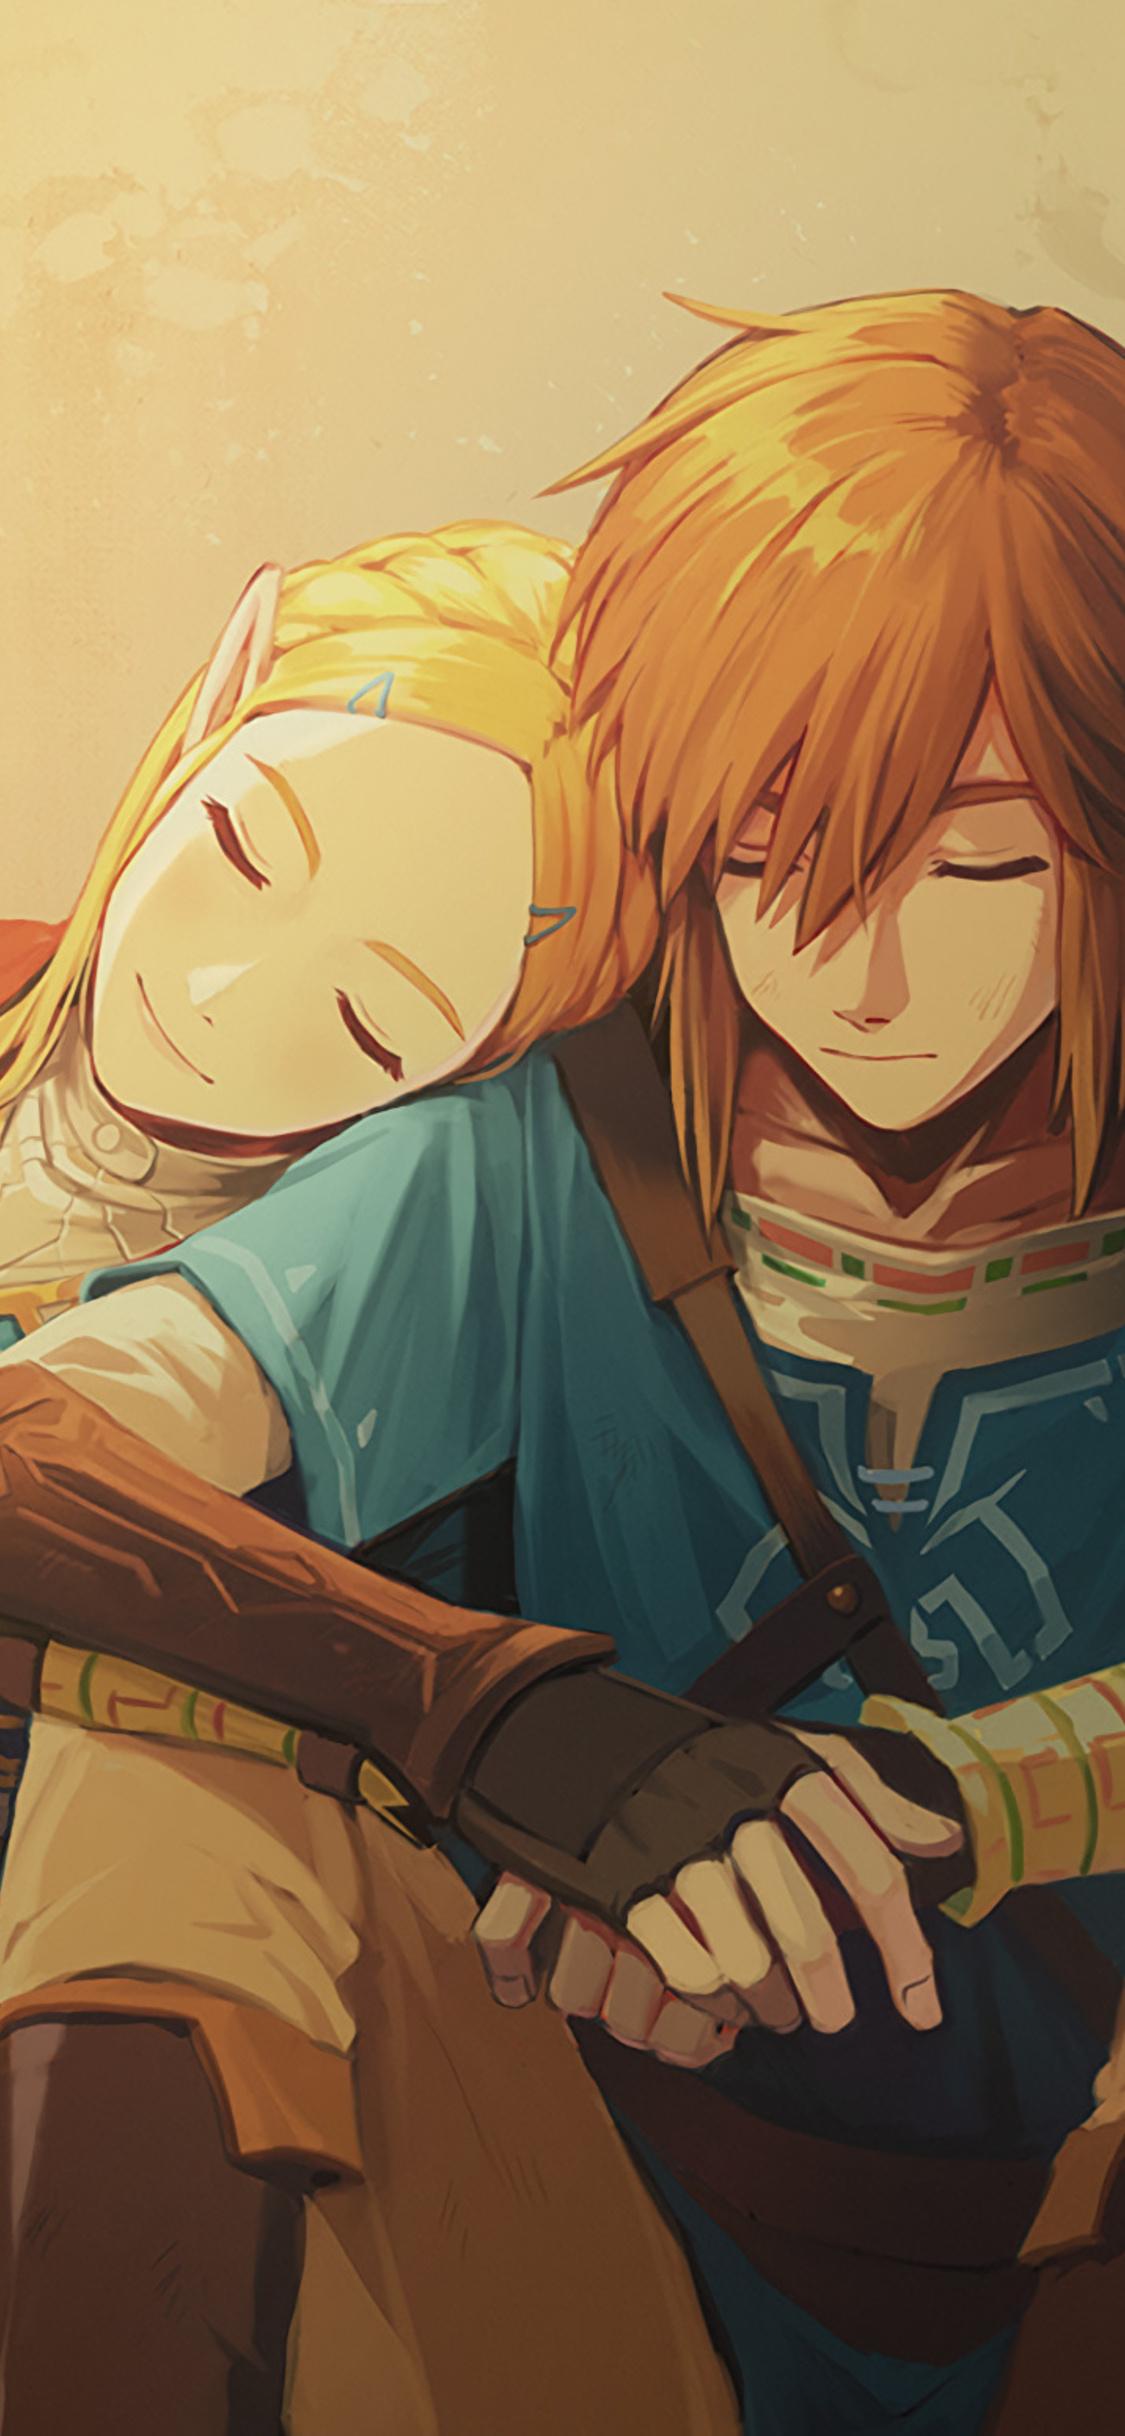 1125x2436 Link And Zelda In The Legend Of Zelda Breath Of The Wild